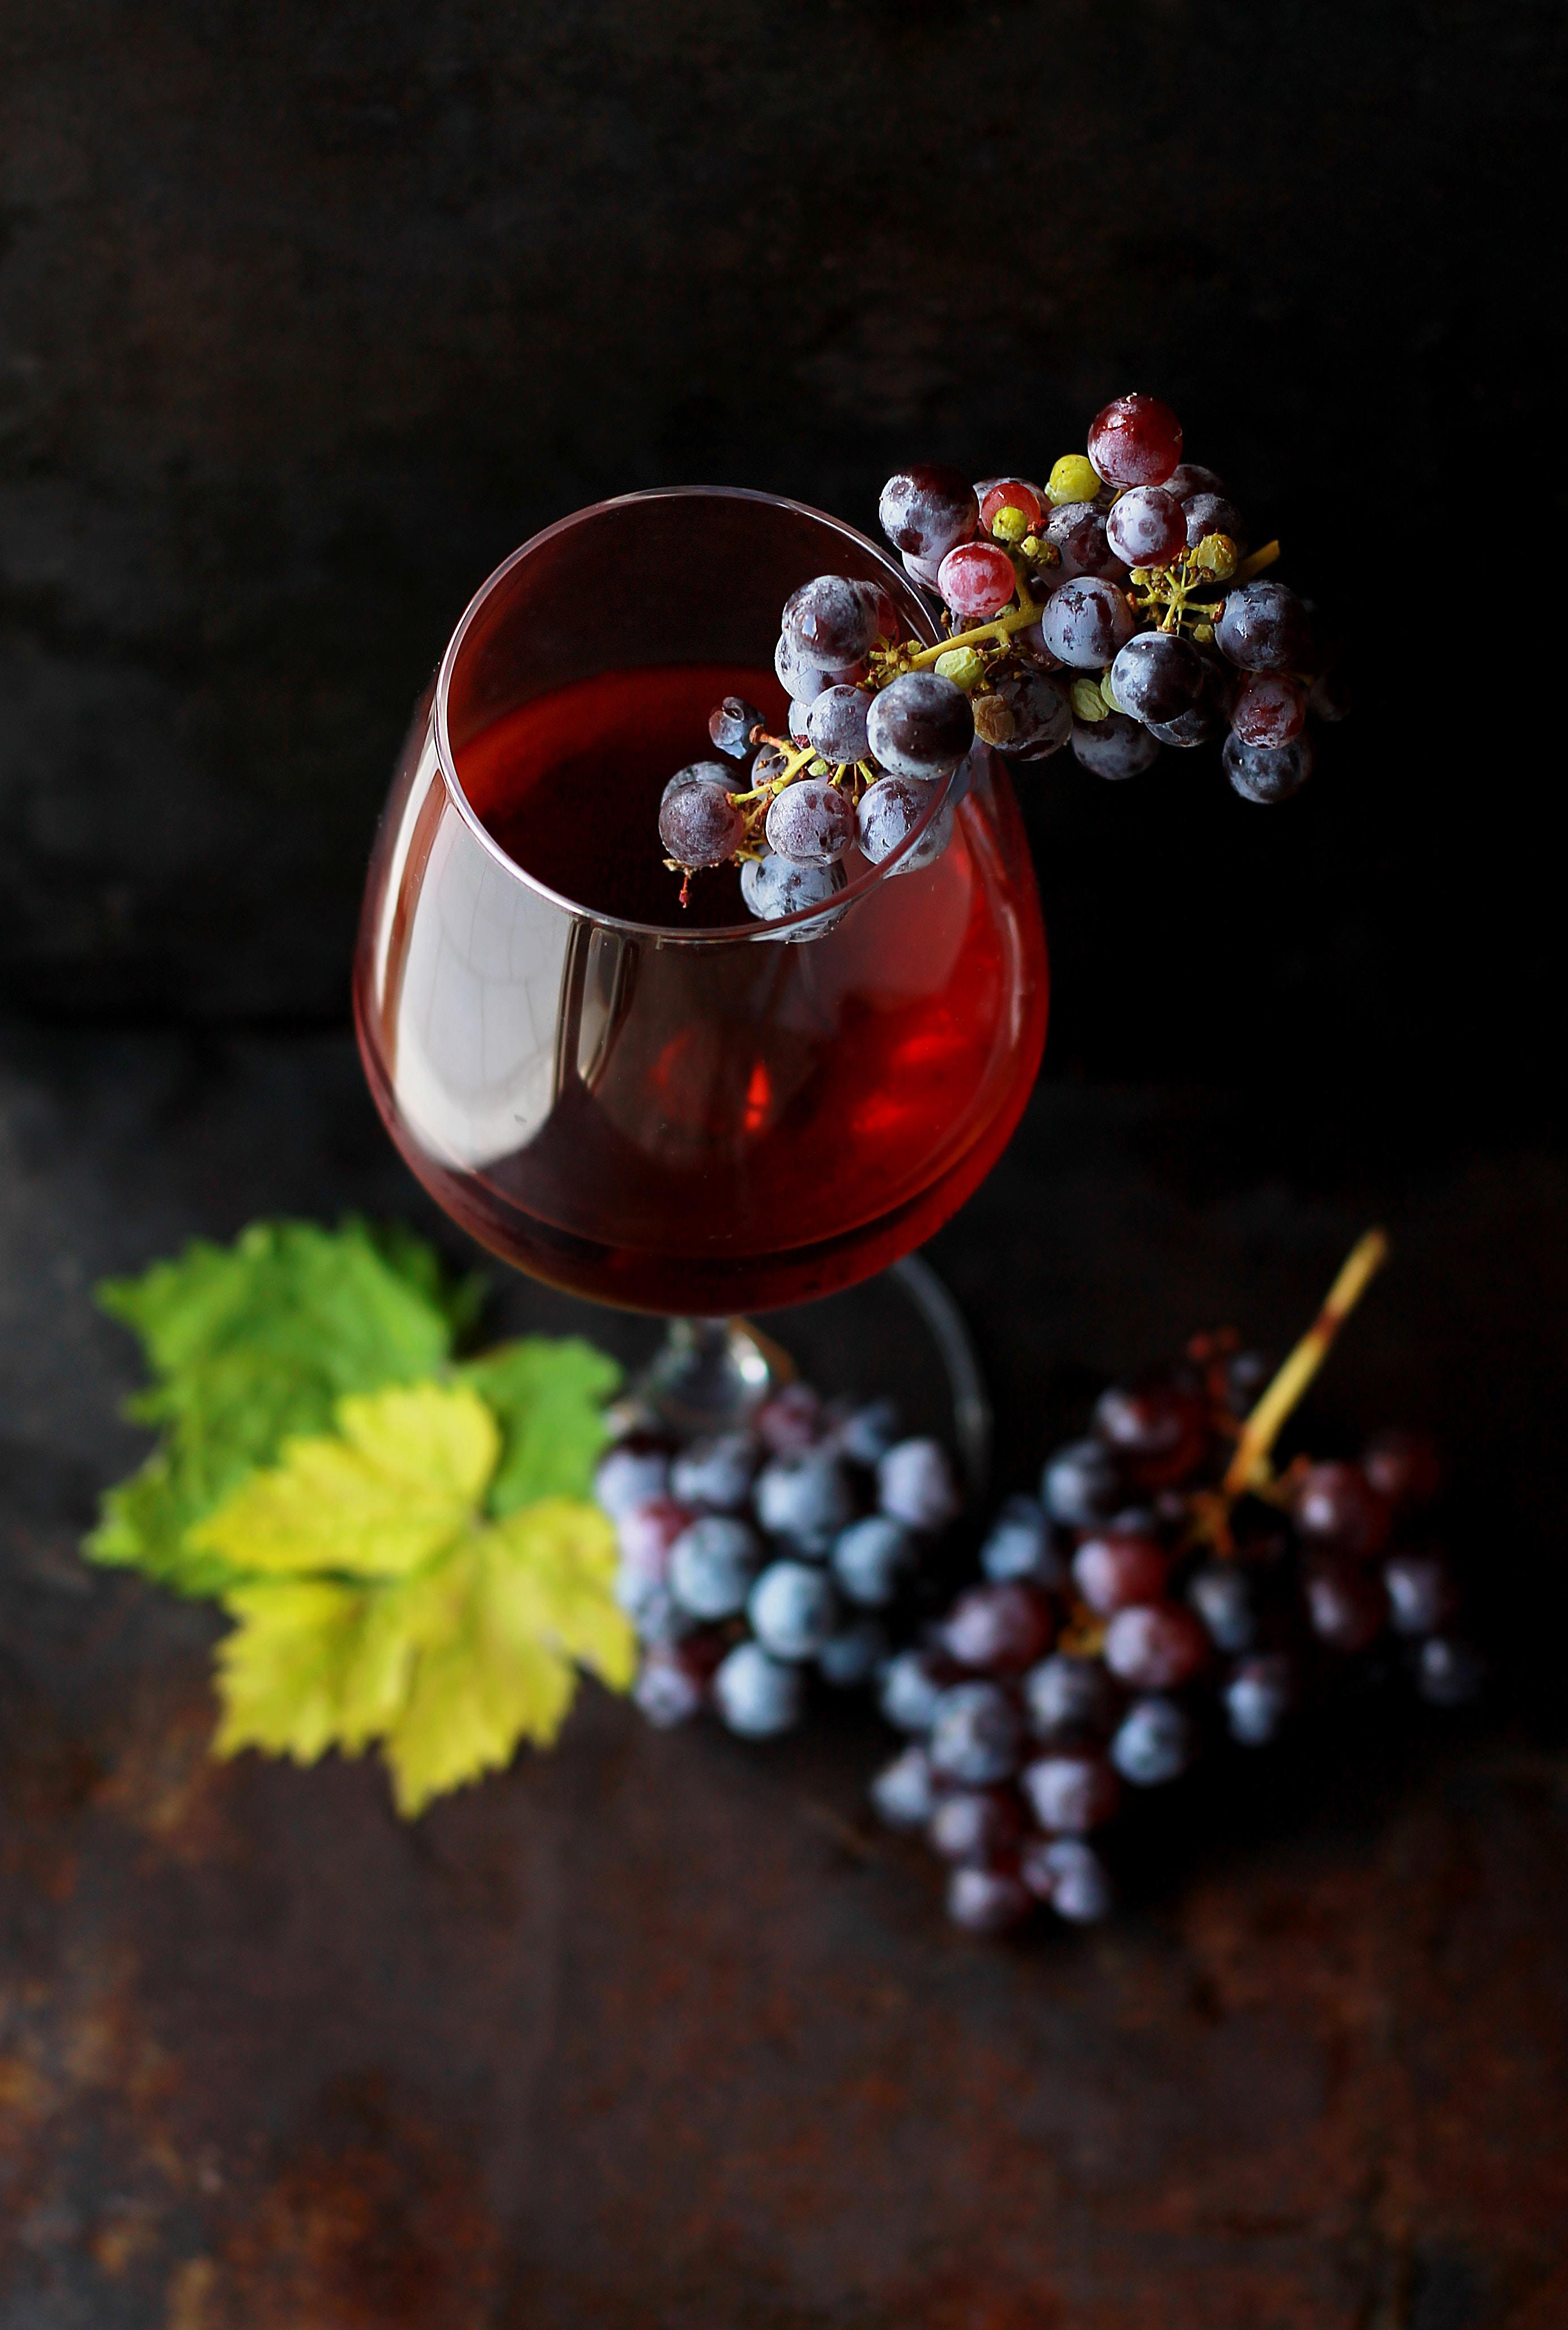 unique college major - viticulture